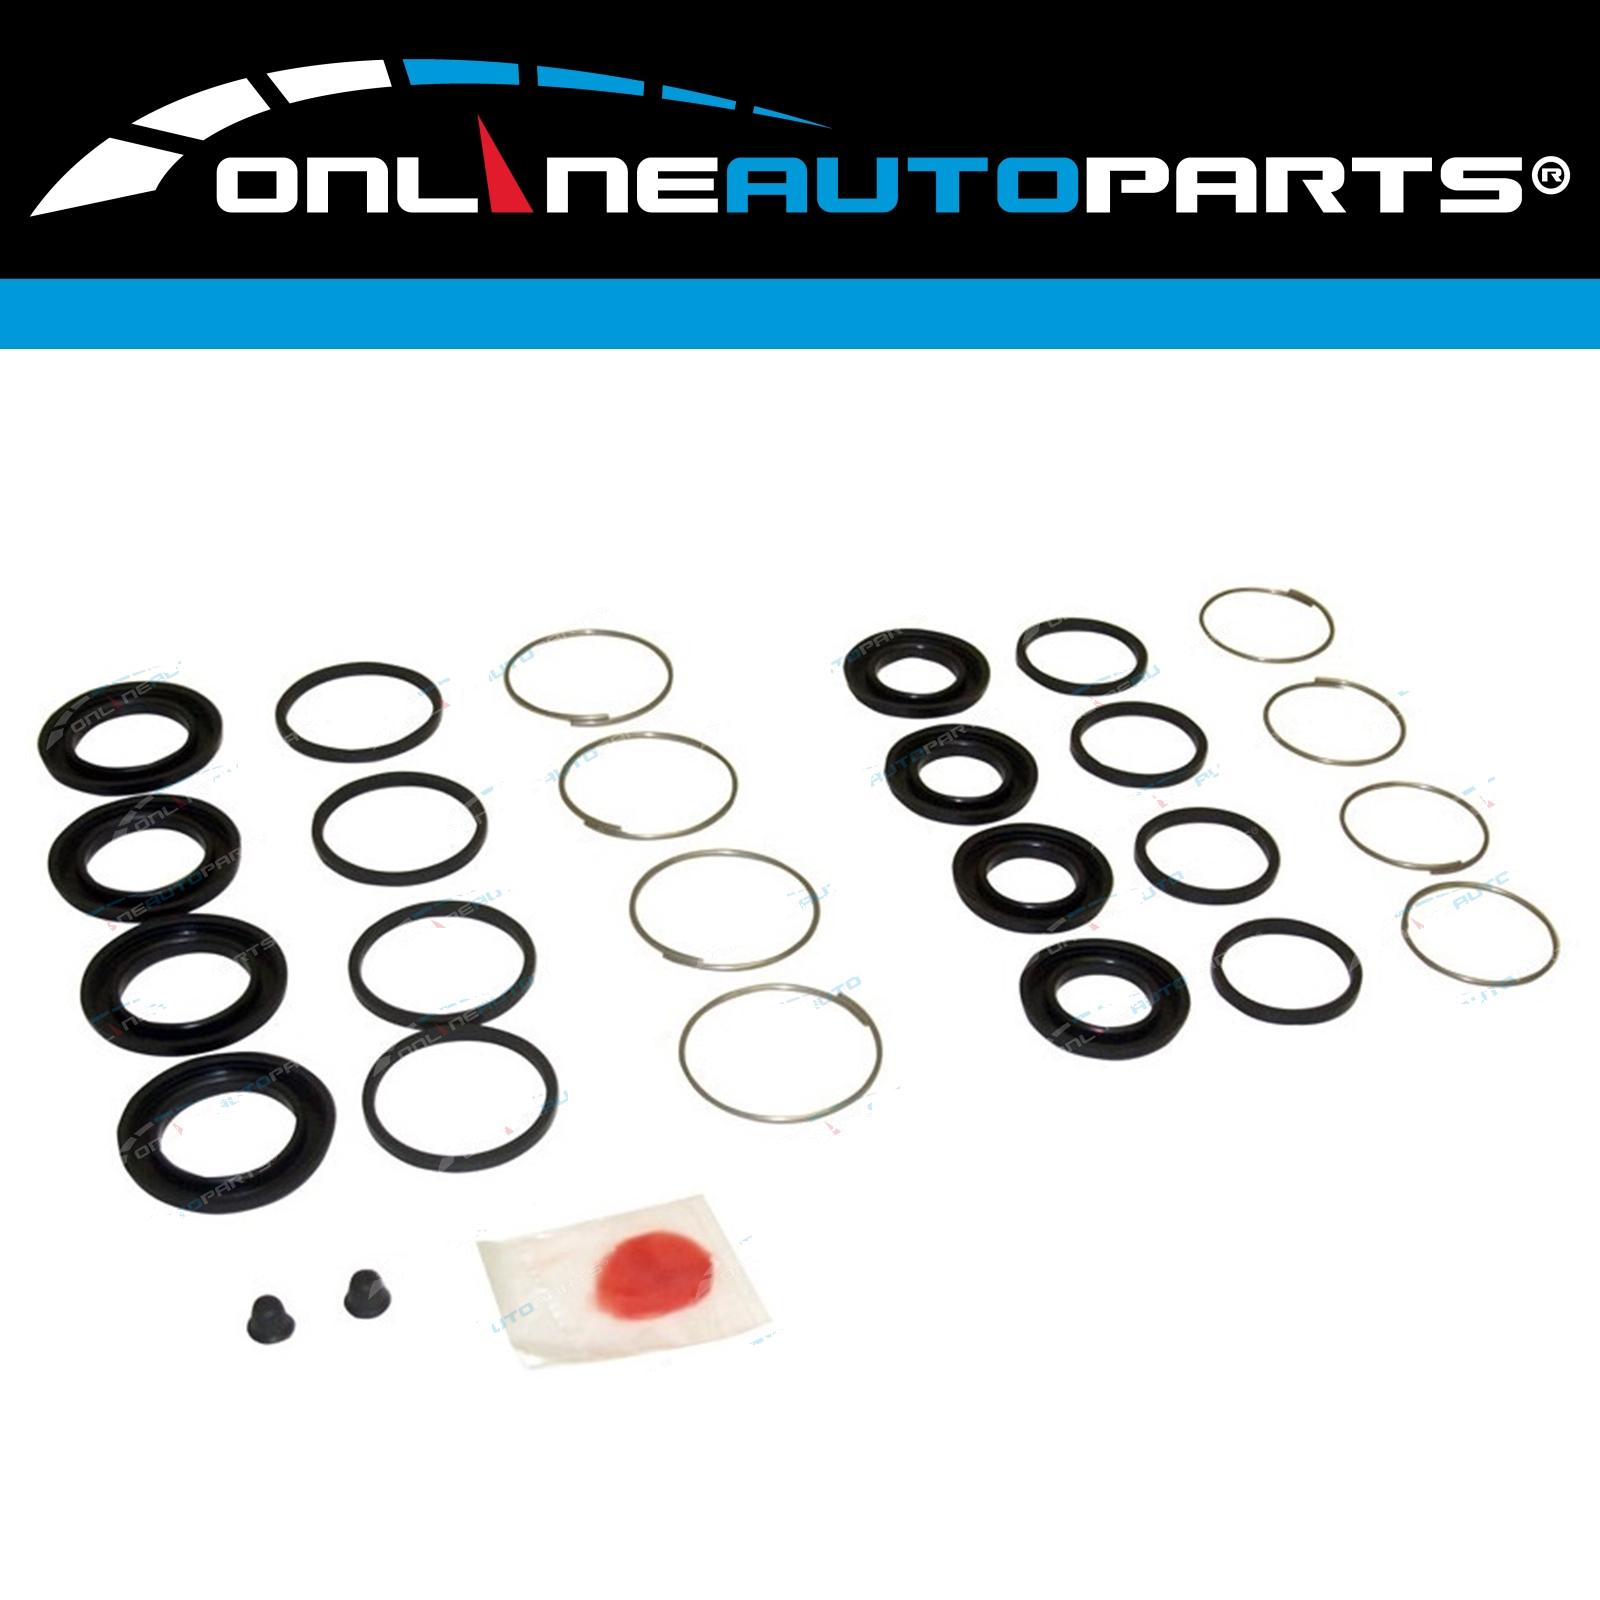 For Toyota Landcruiser FJ62 FJ60 Series Brake Disc Caliper Kit and Pistons 8